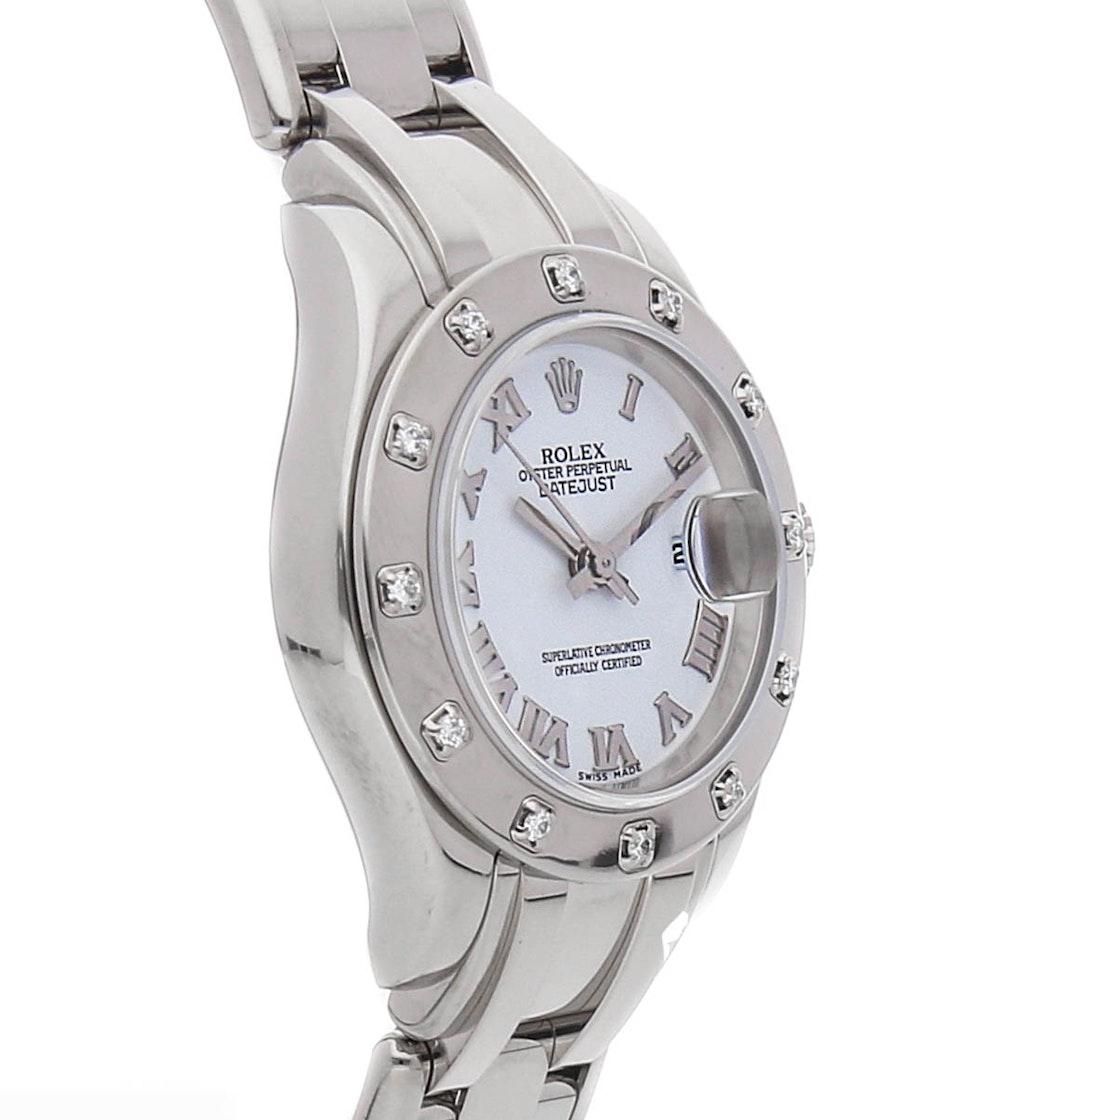 Rolex Pearlmaster Datejust Masterpiece 80319